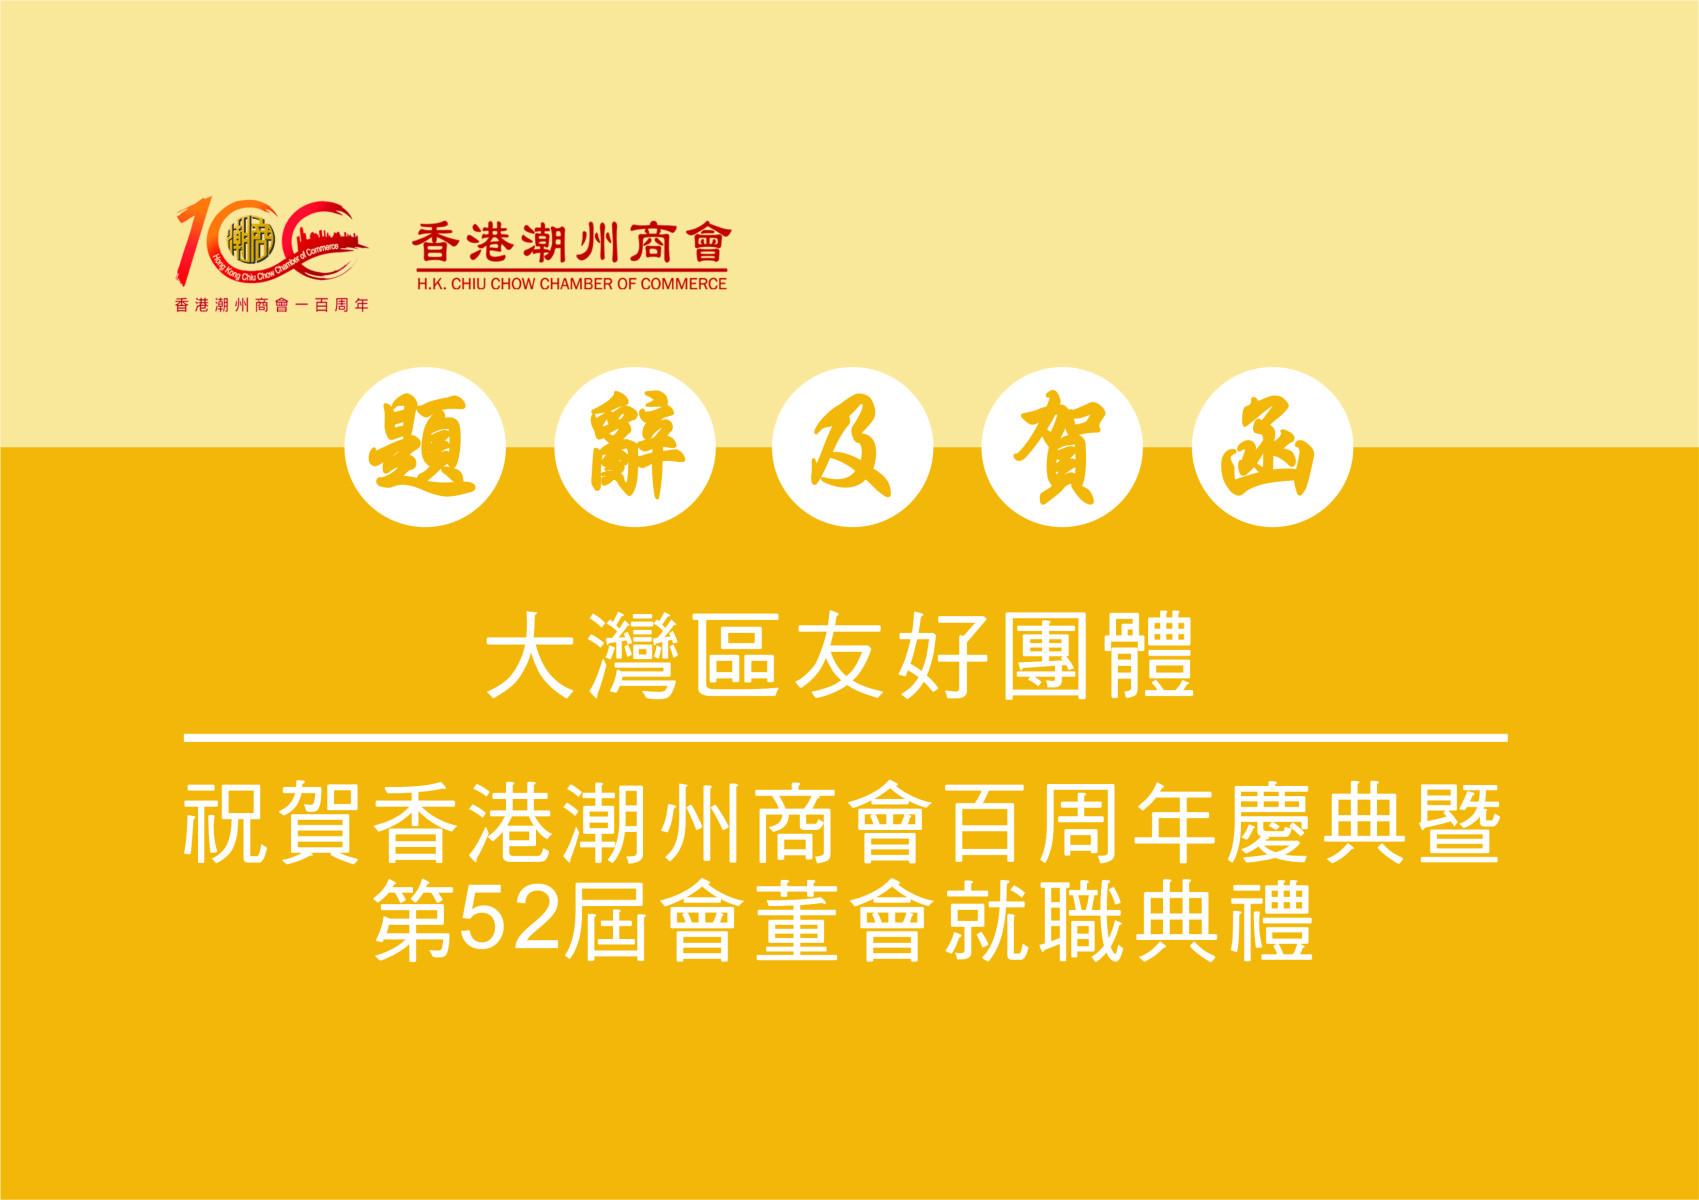 大灣區祝賀香港潮州商會百周年慶典視像